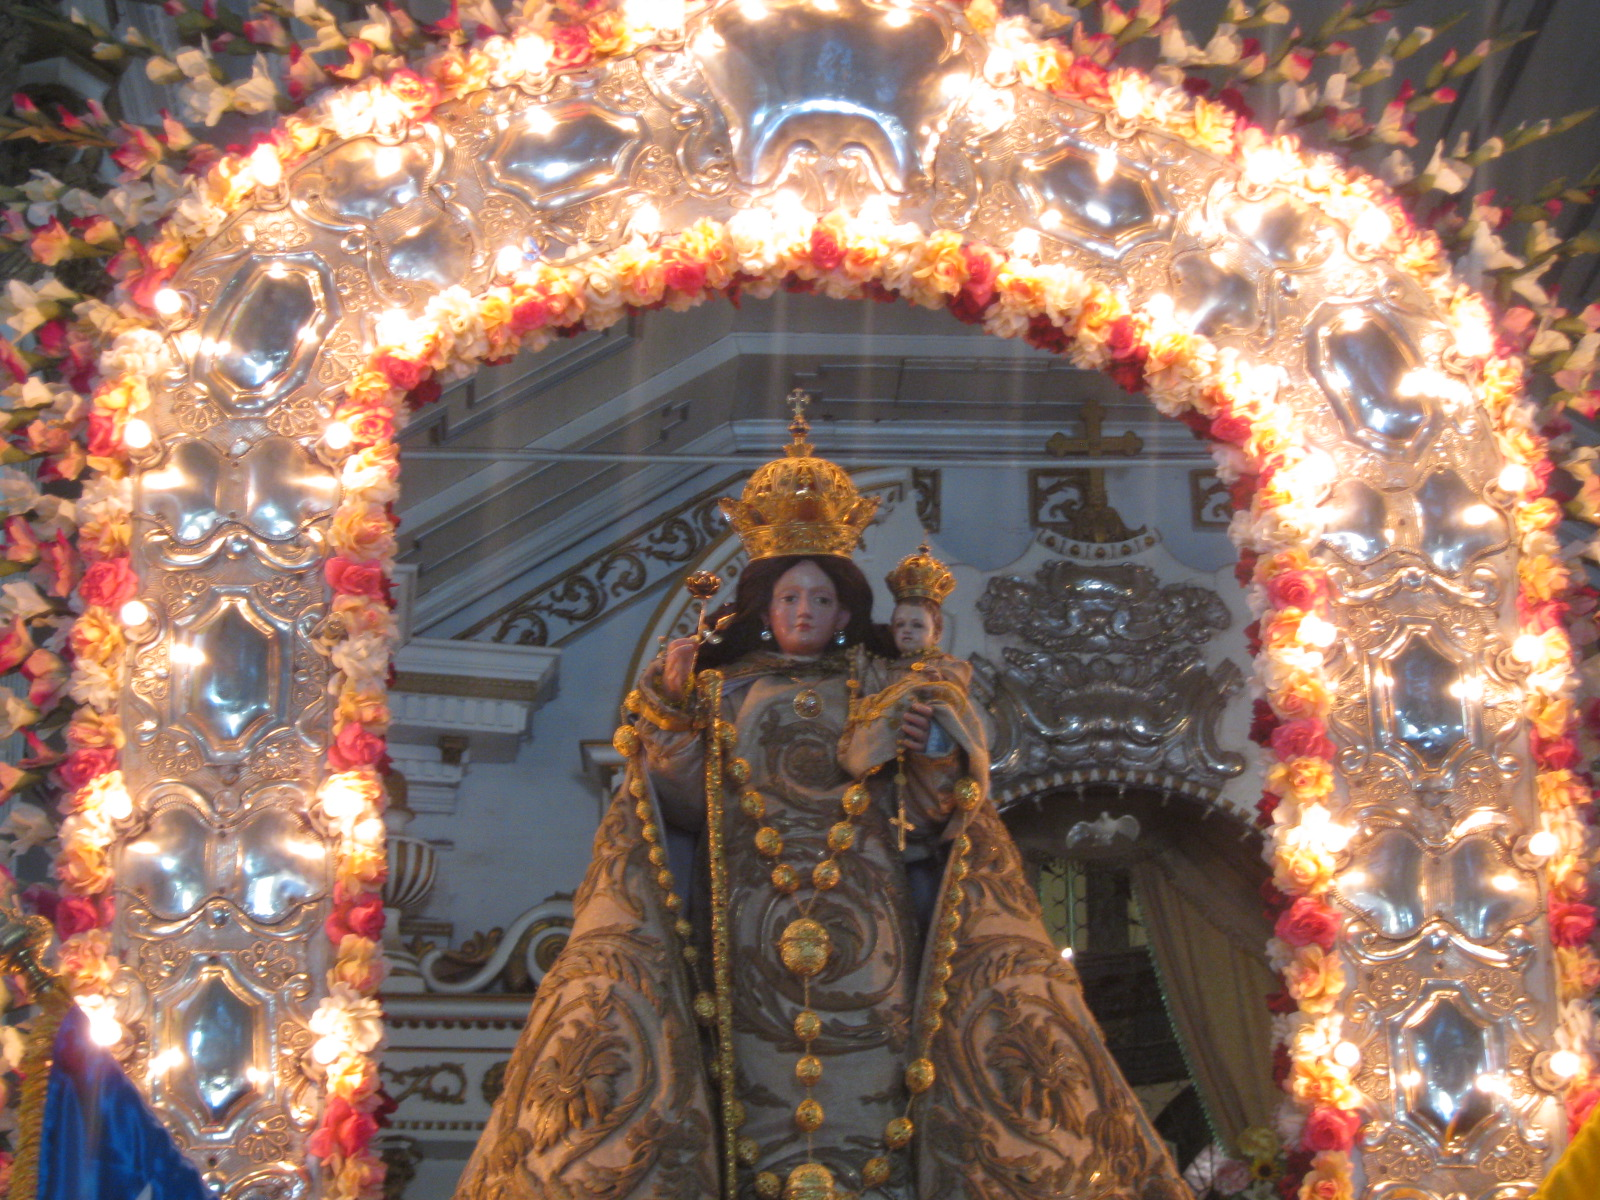 La aparición de la Virgen María a un indiecito: Nuestra Señora del Rosario de Andacollo, Chile (24 de Diciembre 1er. FS de octubre)